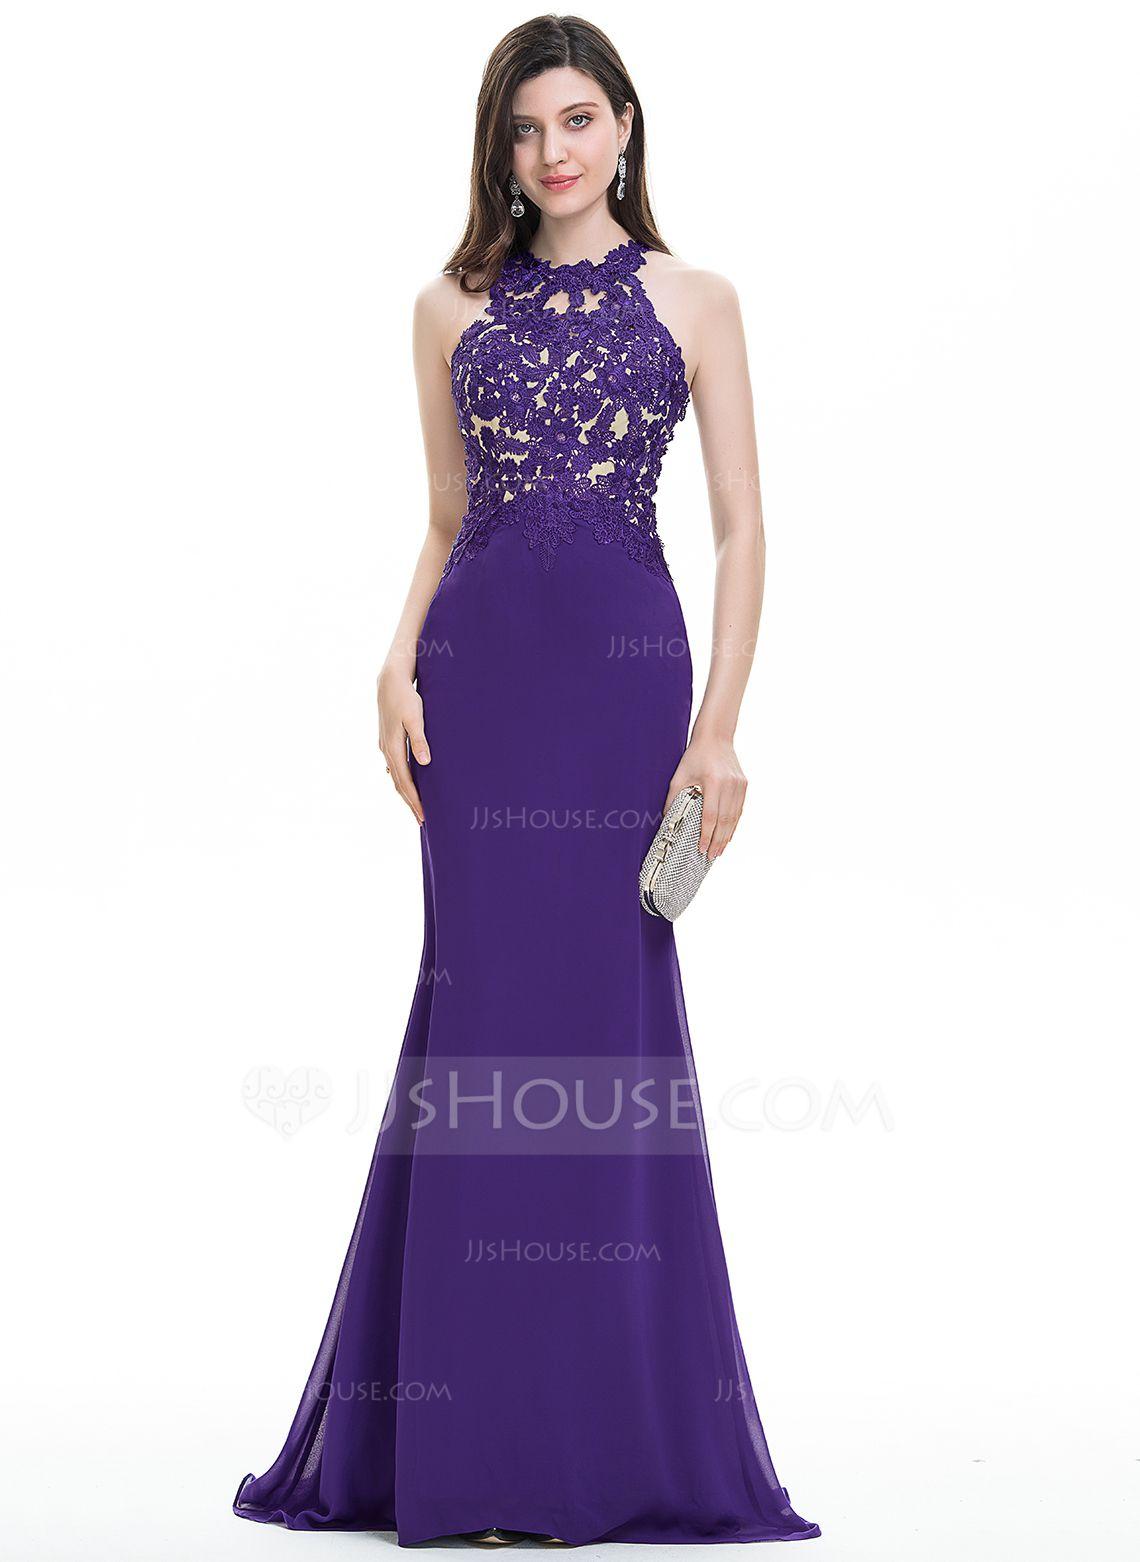 Excepcional Rústicos Elegantes Vestidos De Dama Patrón - Vestido de ...